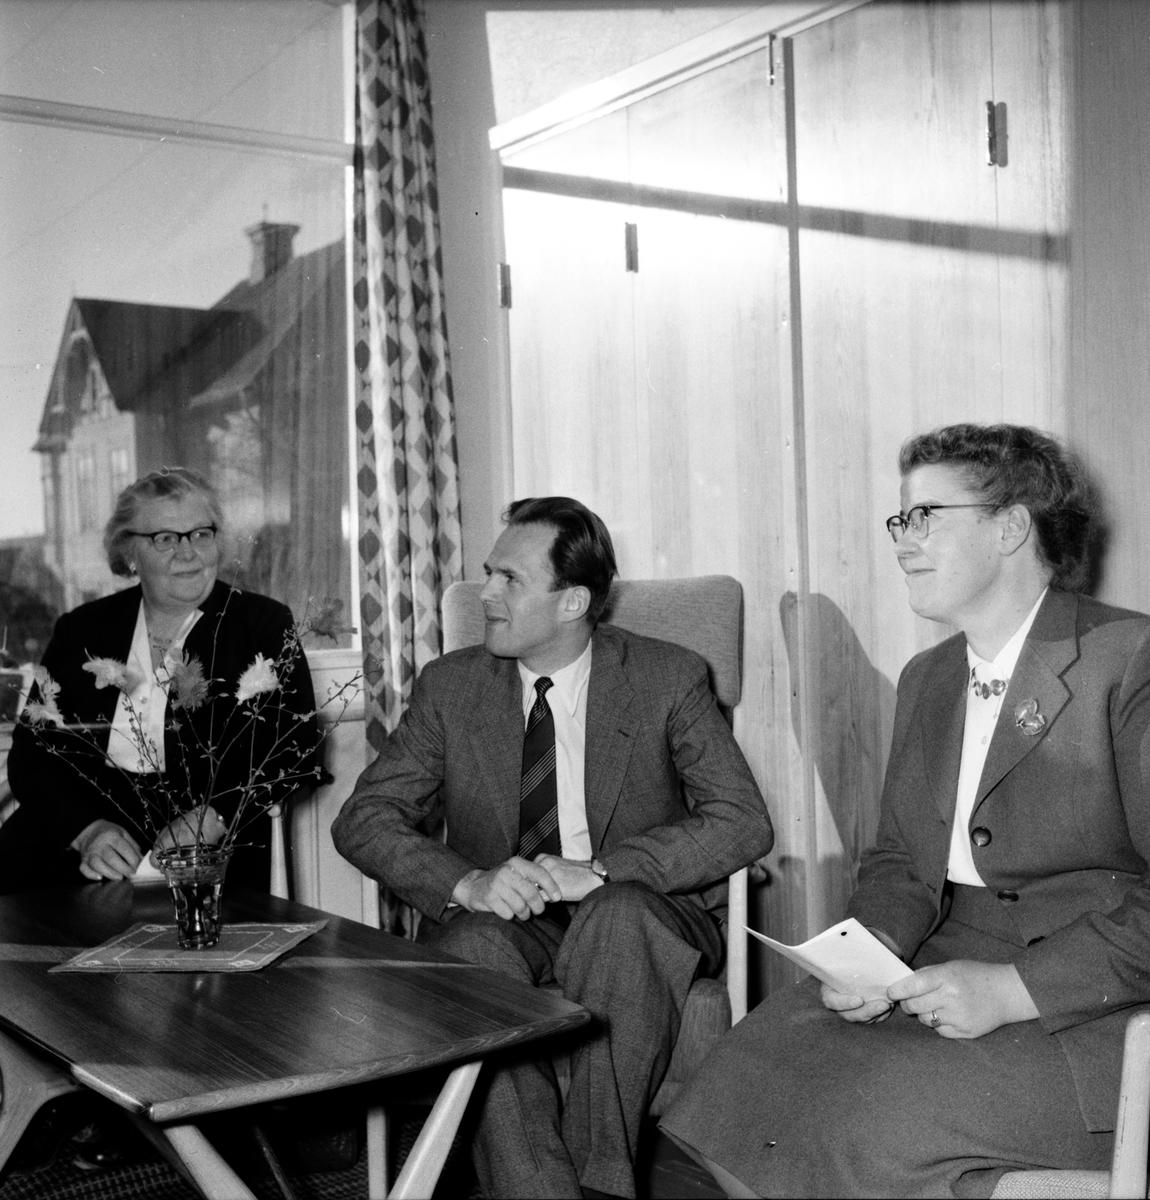 Bildningsförbundet, Kurs på folkhögskolan, 7 April 1956